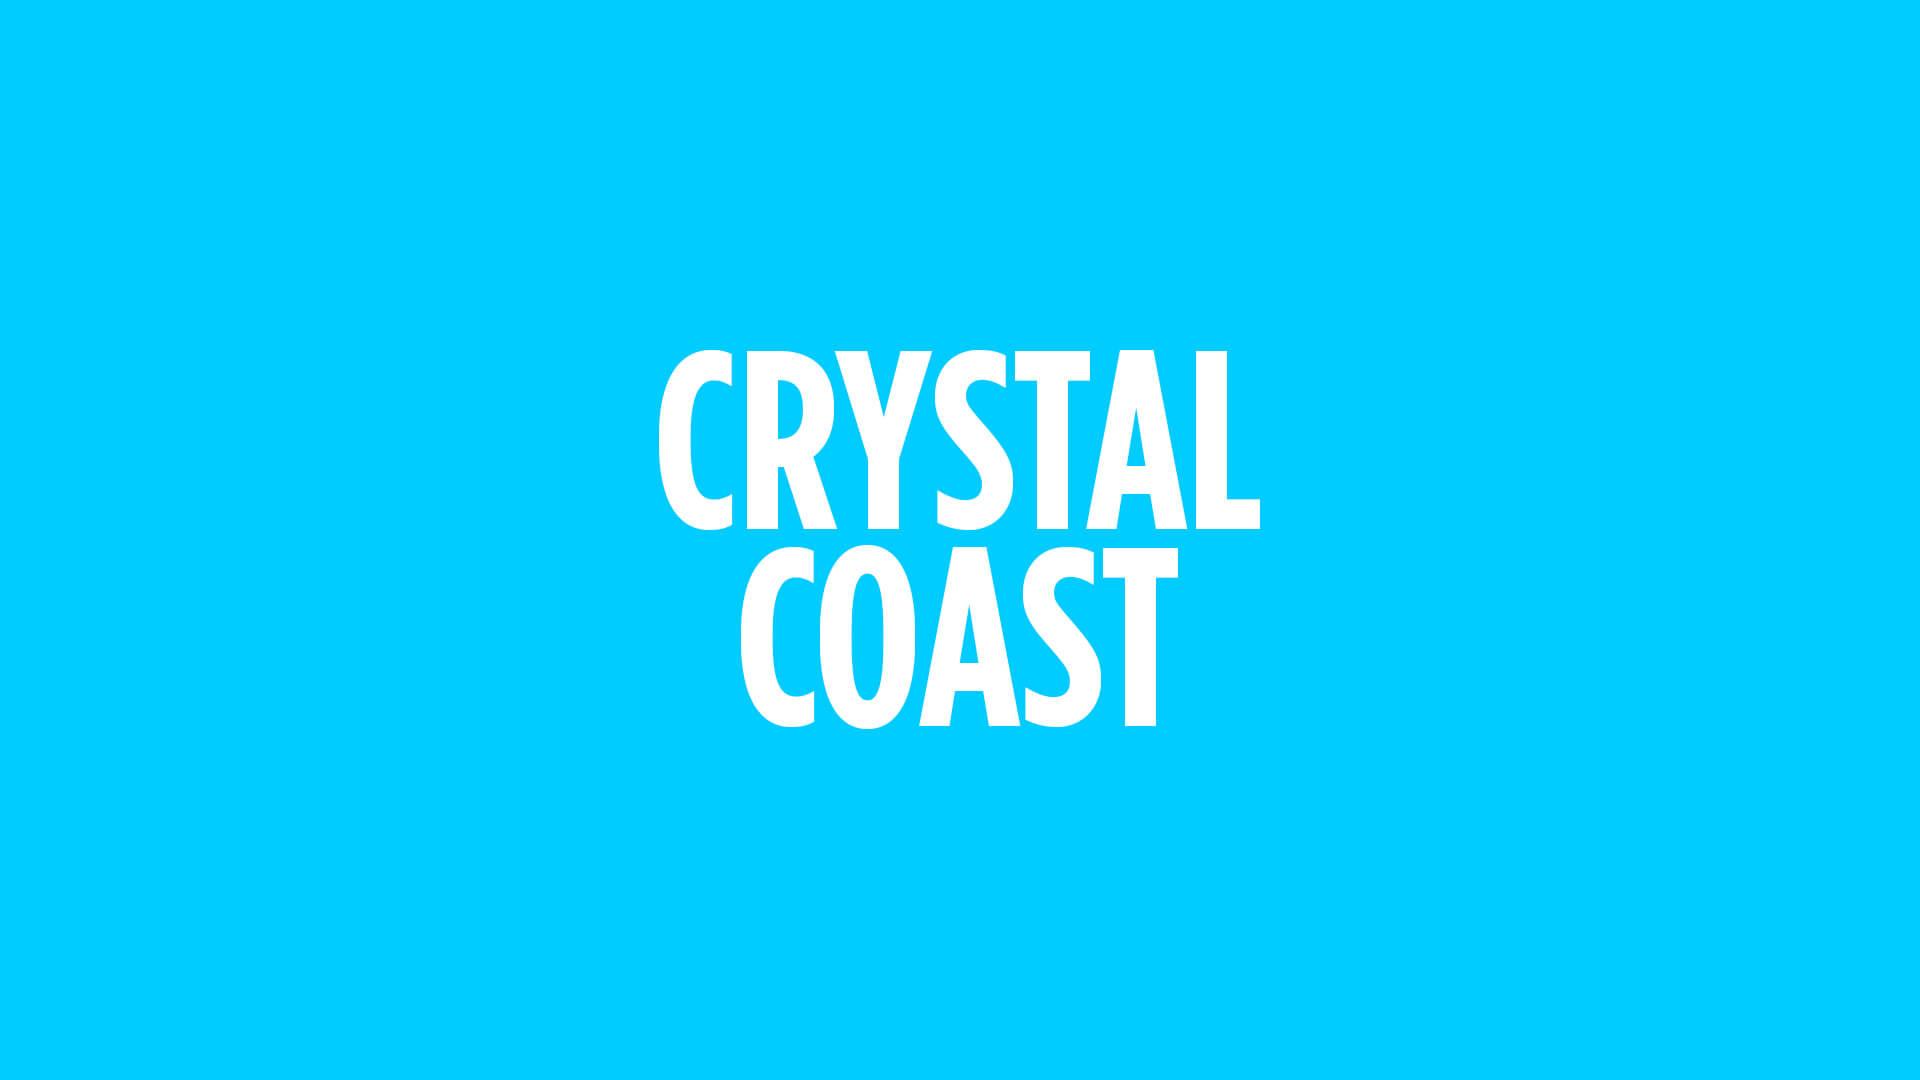 Crystal Coast service company logo